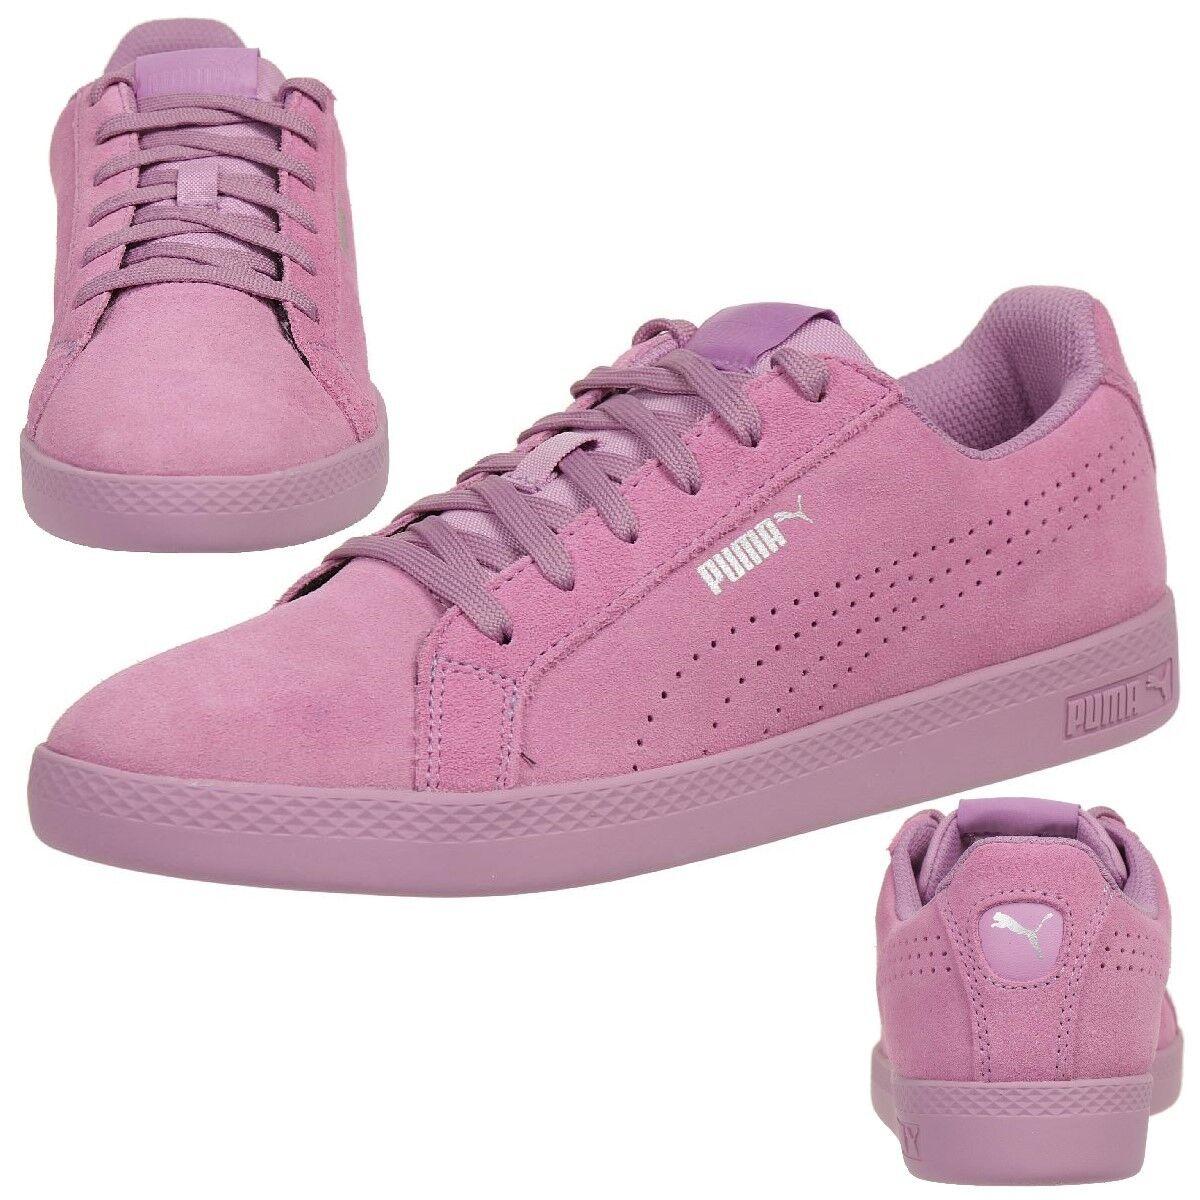 Descuento por tiempo limitado Puma Smash Wns Perf SD Damen Sneaker Suede Schuhe Wildleder 364891 02